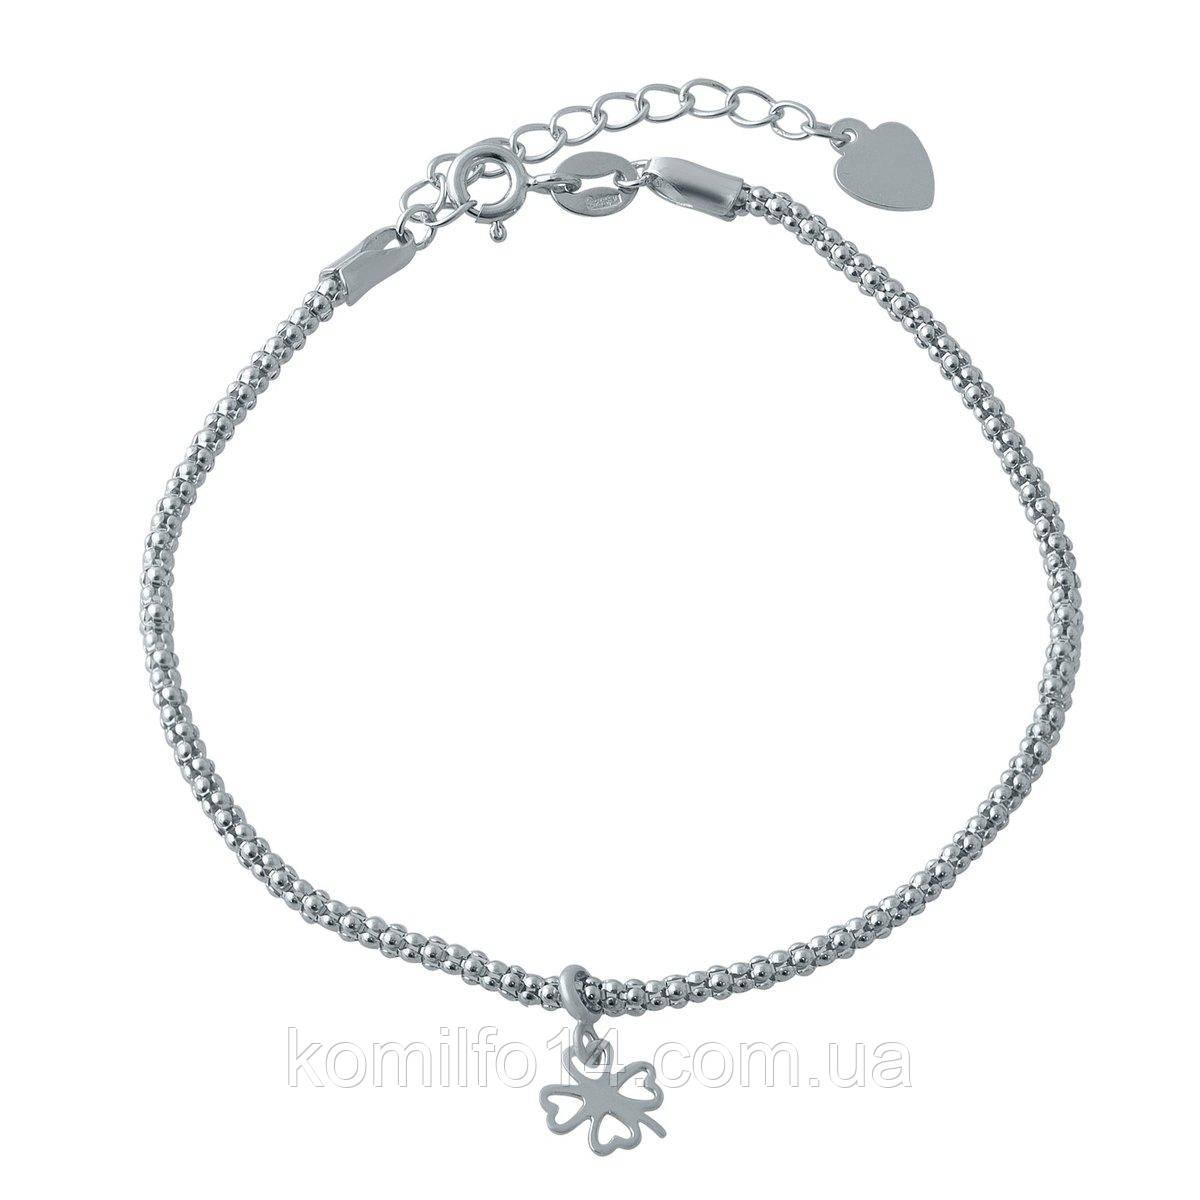 Женский серебряный браслет без камней